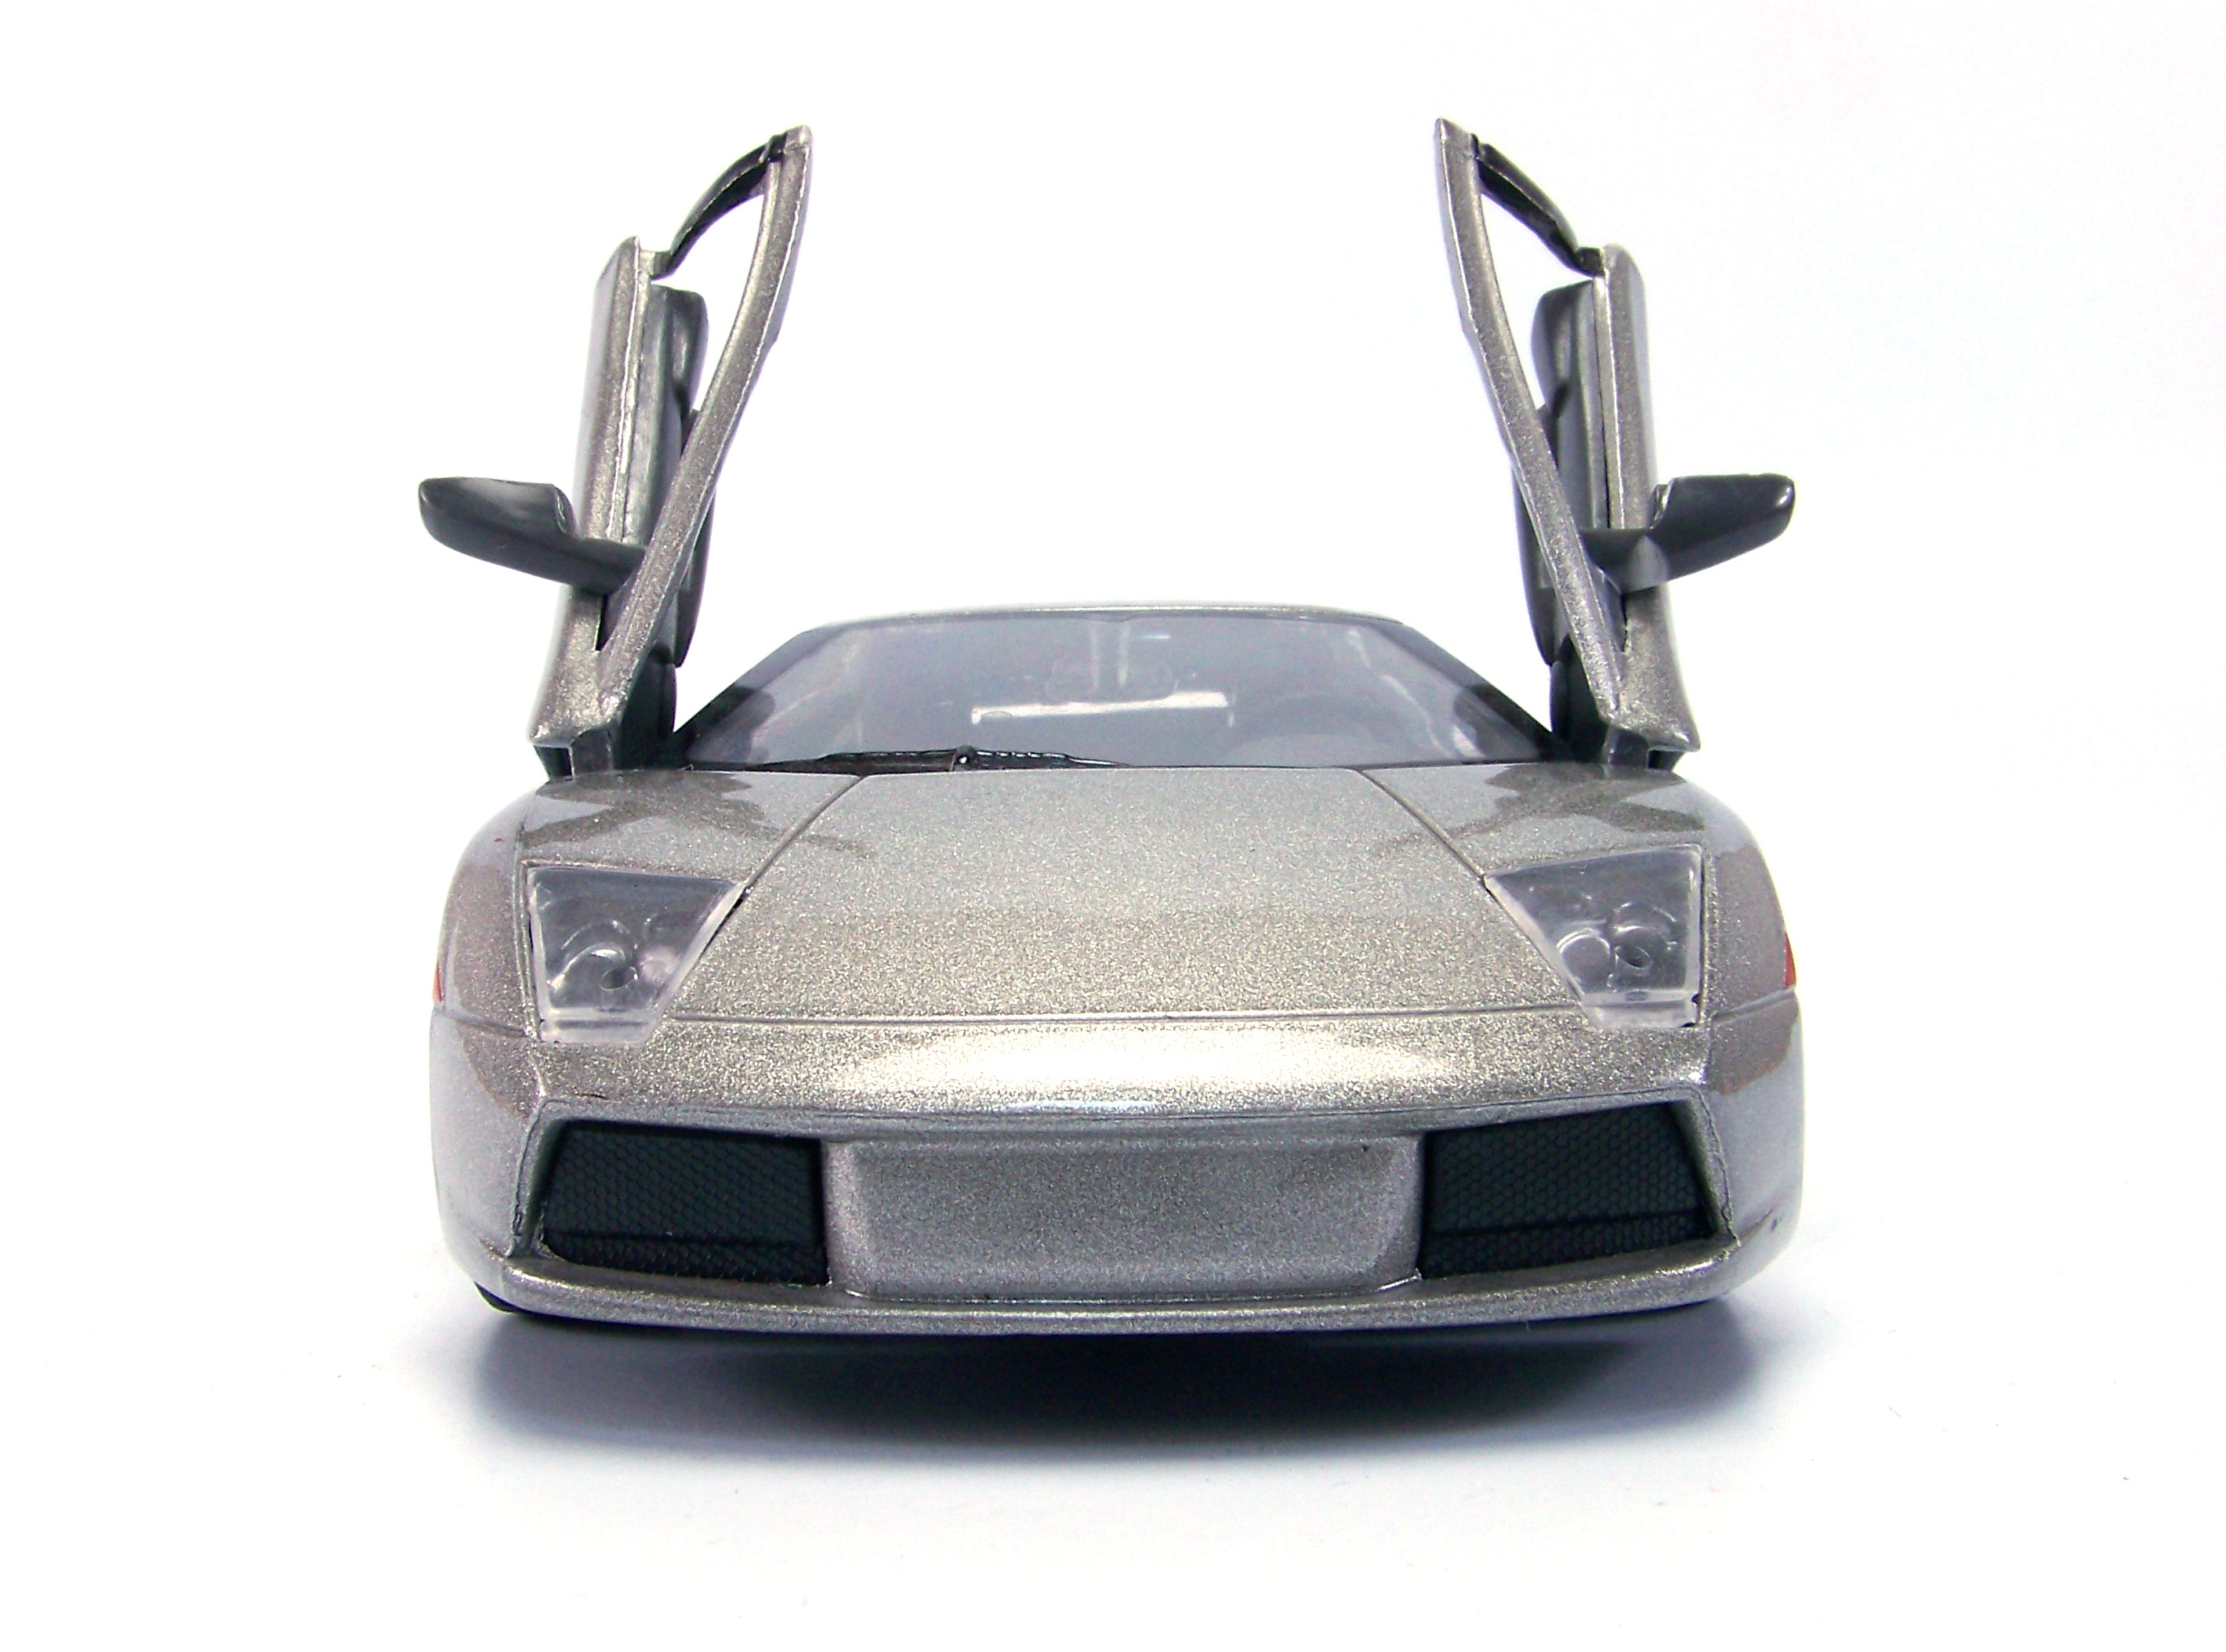 Toy car, Auto, Sportscar, Prestige, Road, HQ Photo